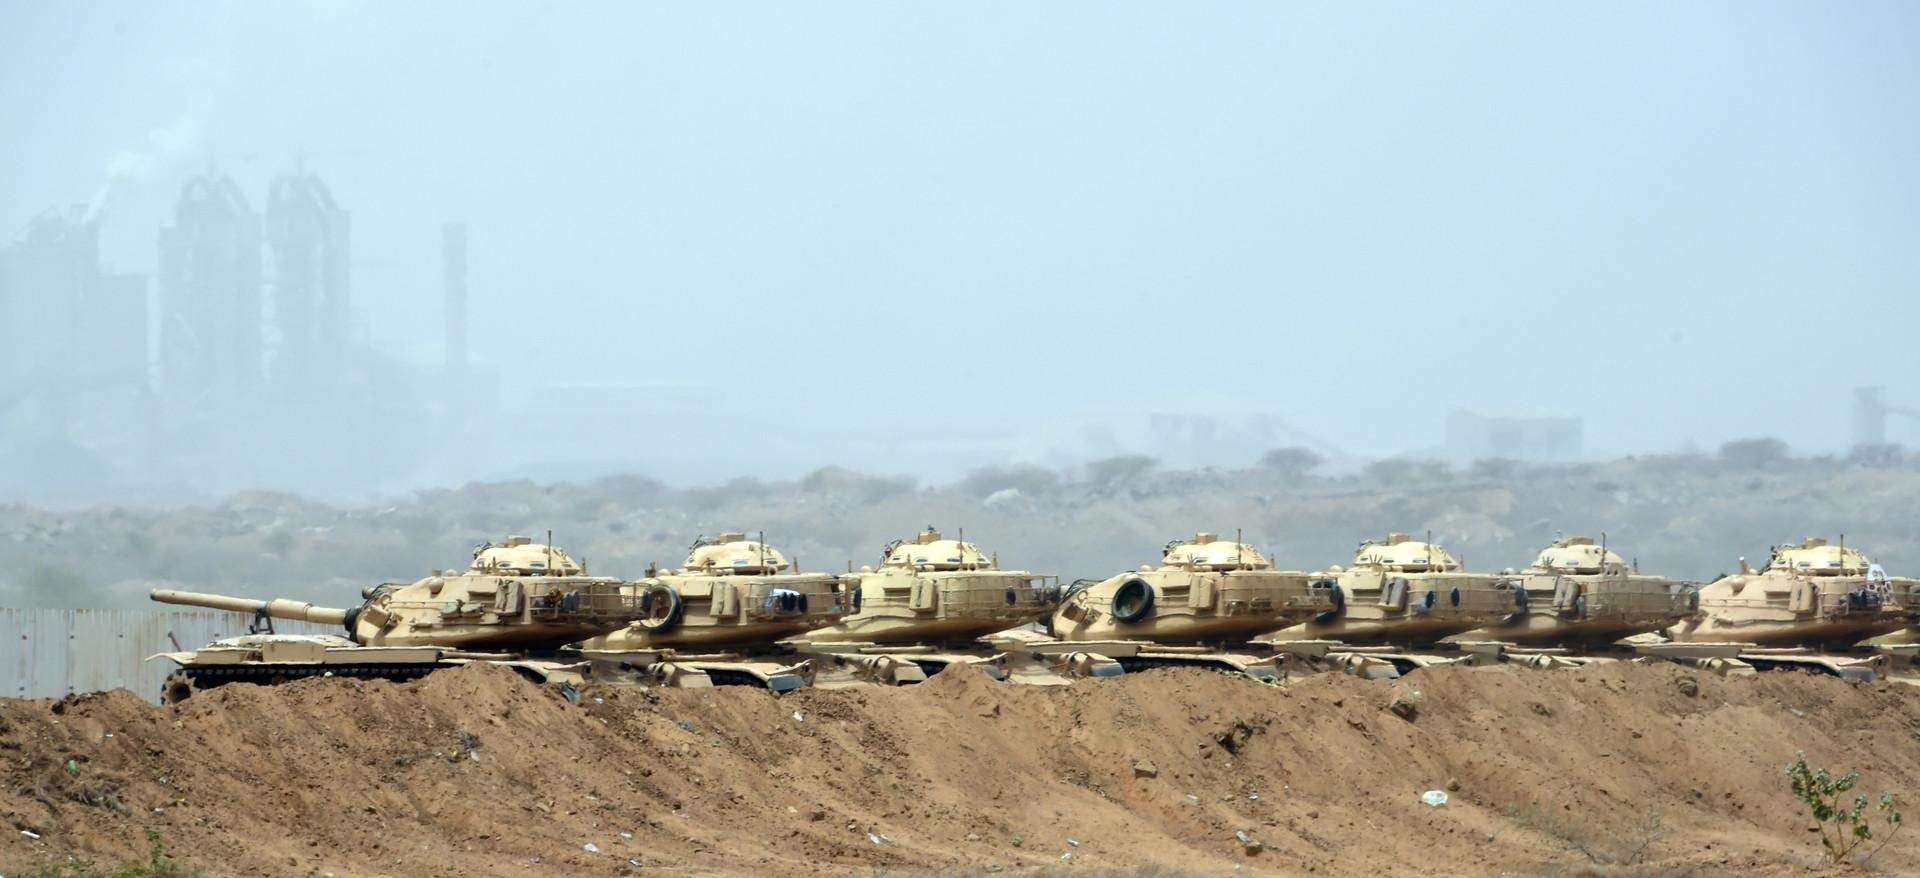 مشروع قرار في مجلس النواب الأمريكي لرفض 22 صفقة أسلحة مع السعودية والإمارات! -